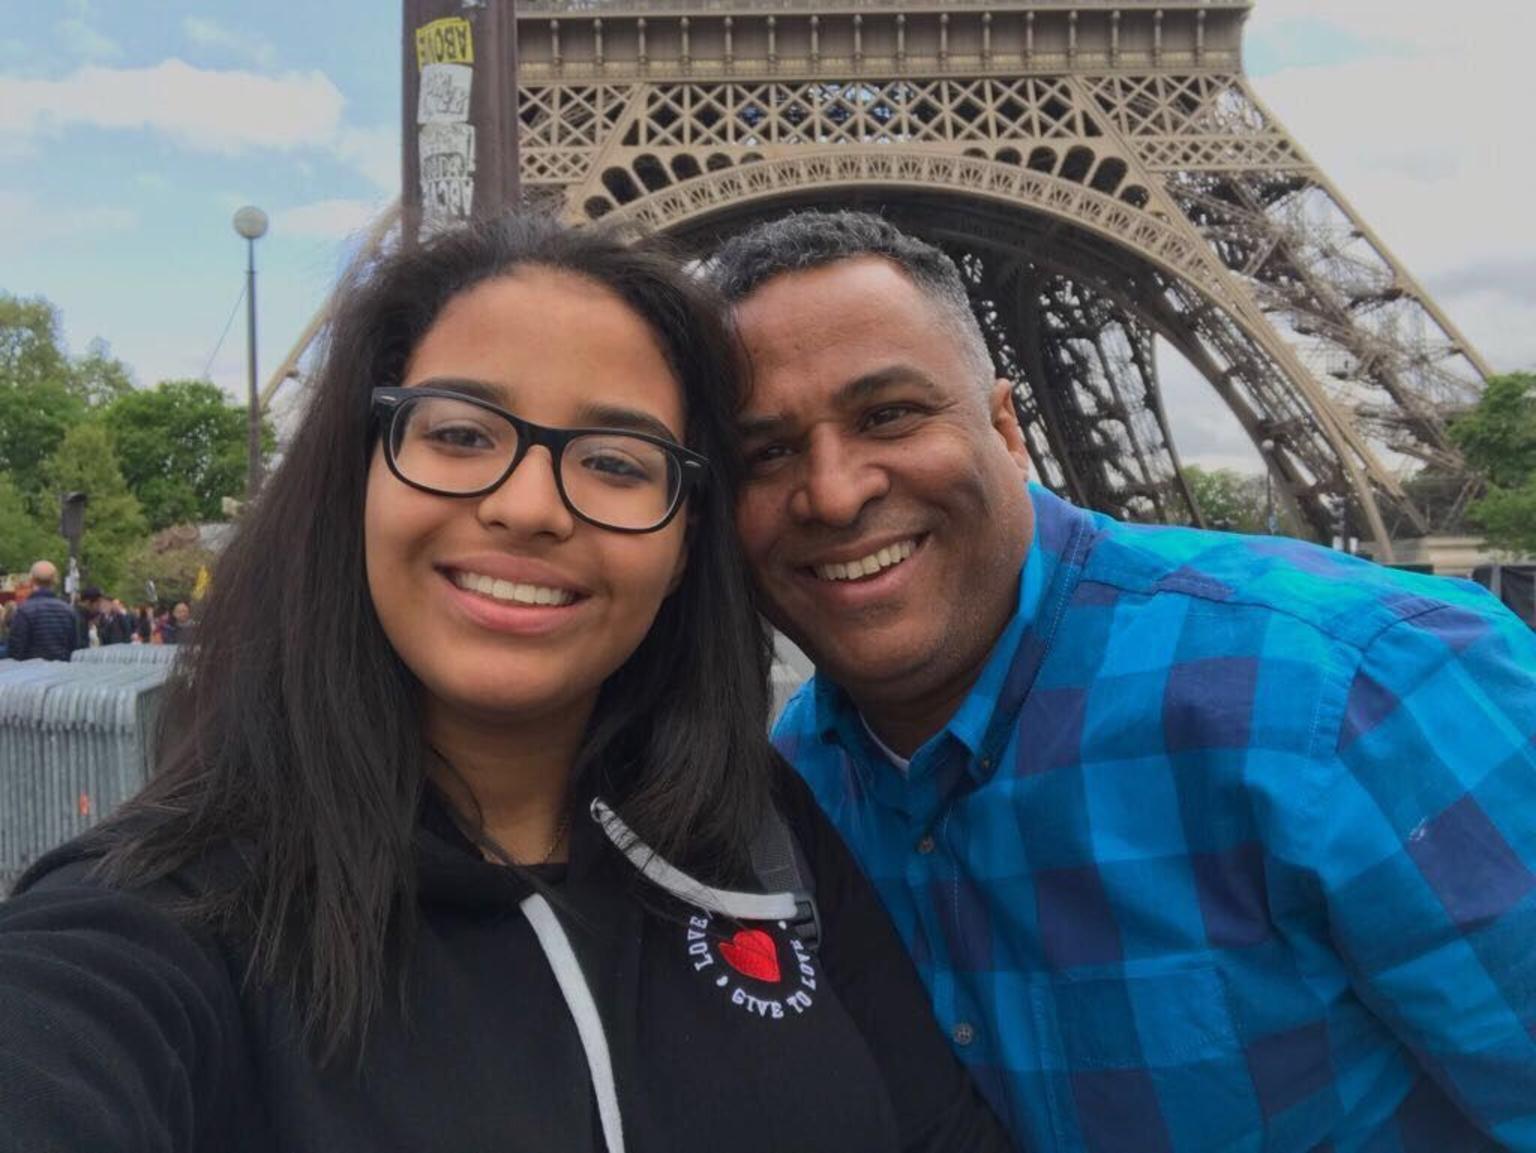 MÁS FOTOS, Recorrido con paradas libres en París